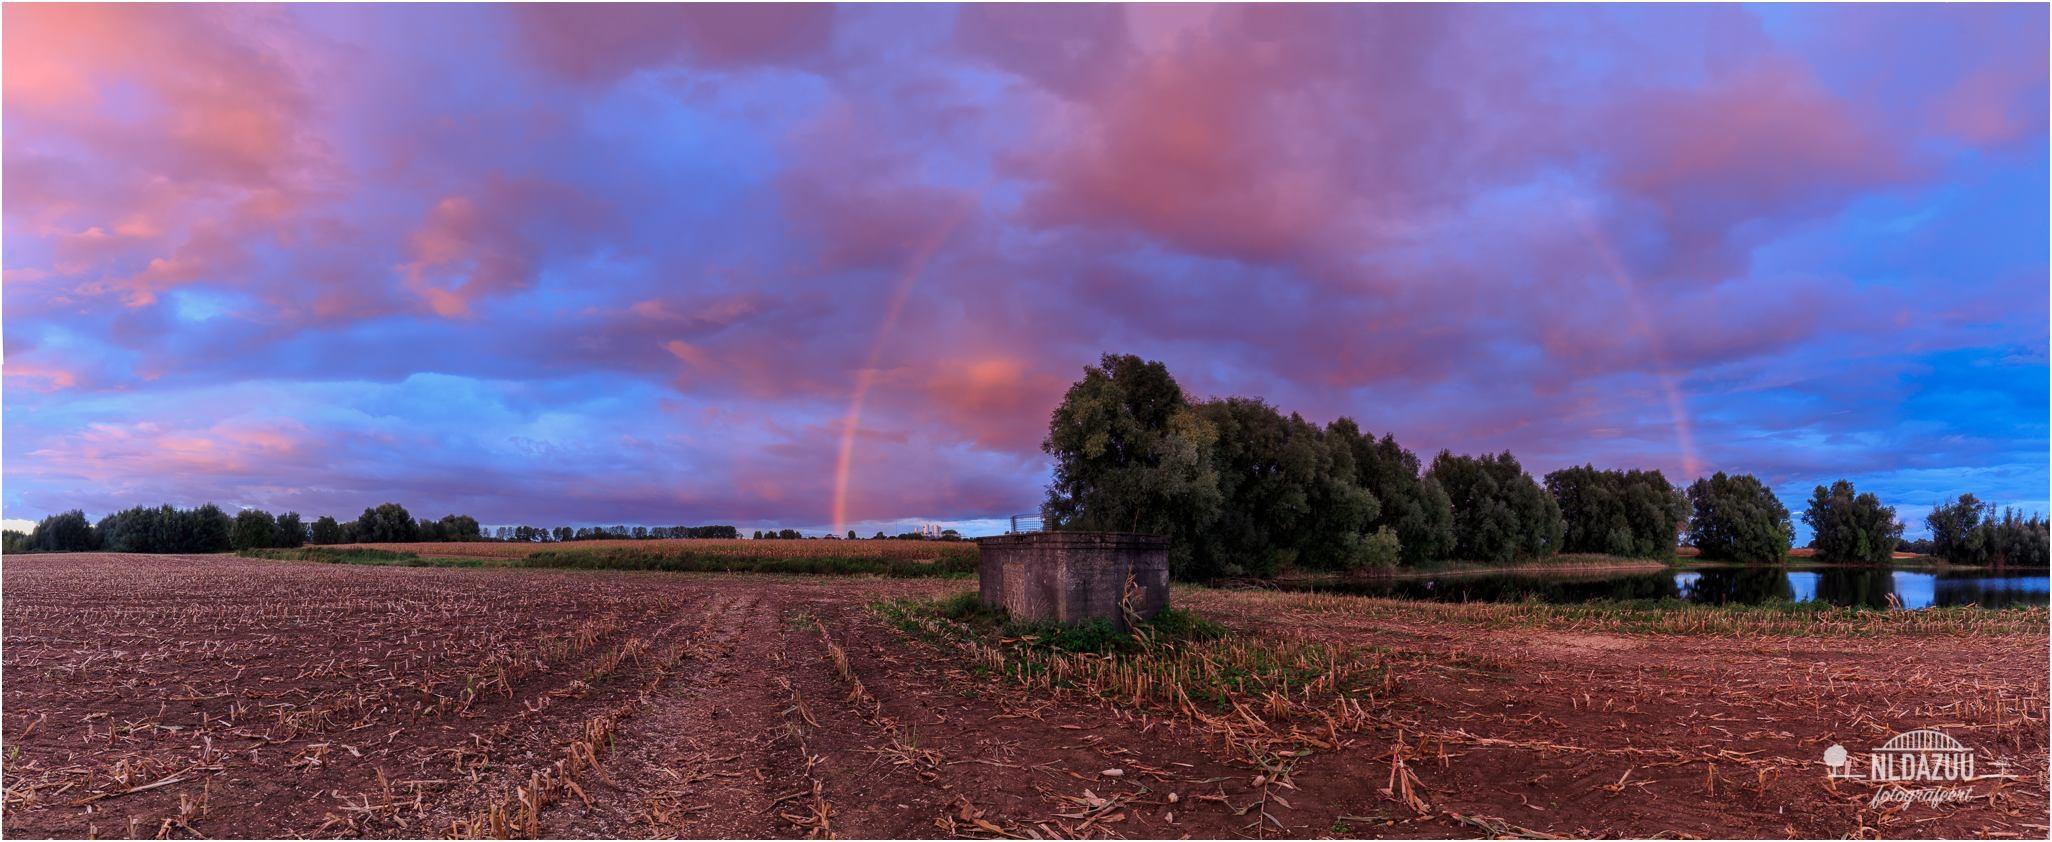 Regenboog in magisch kleurrijk schouwspel | Canon 16-35 mm. f/4 20 mm. f/8, ISO100 2,0 sec.